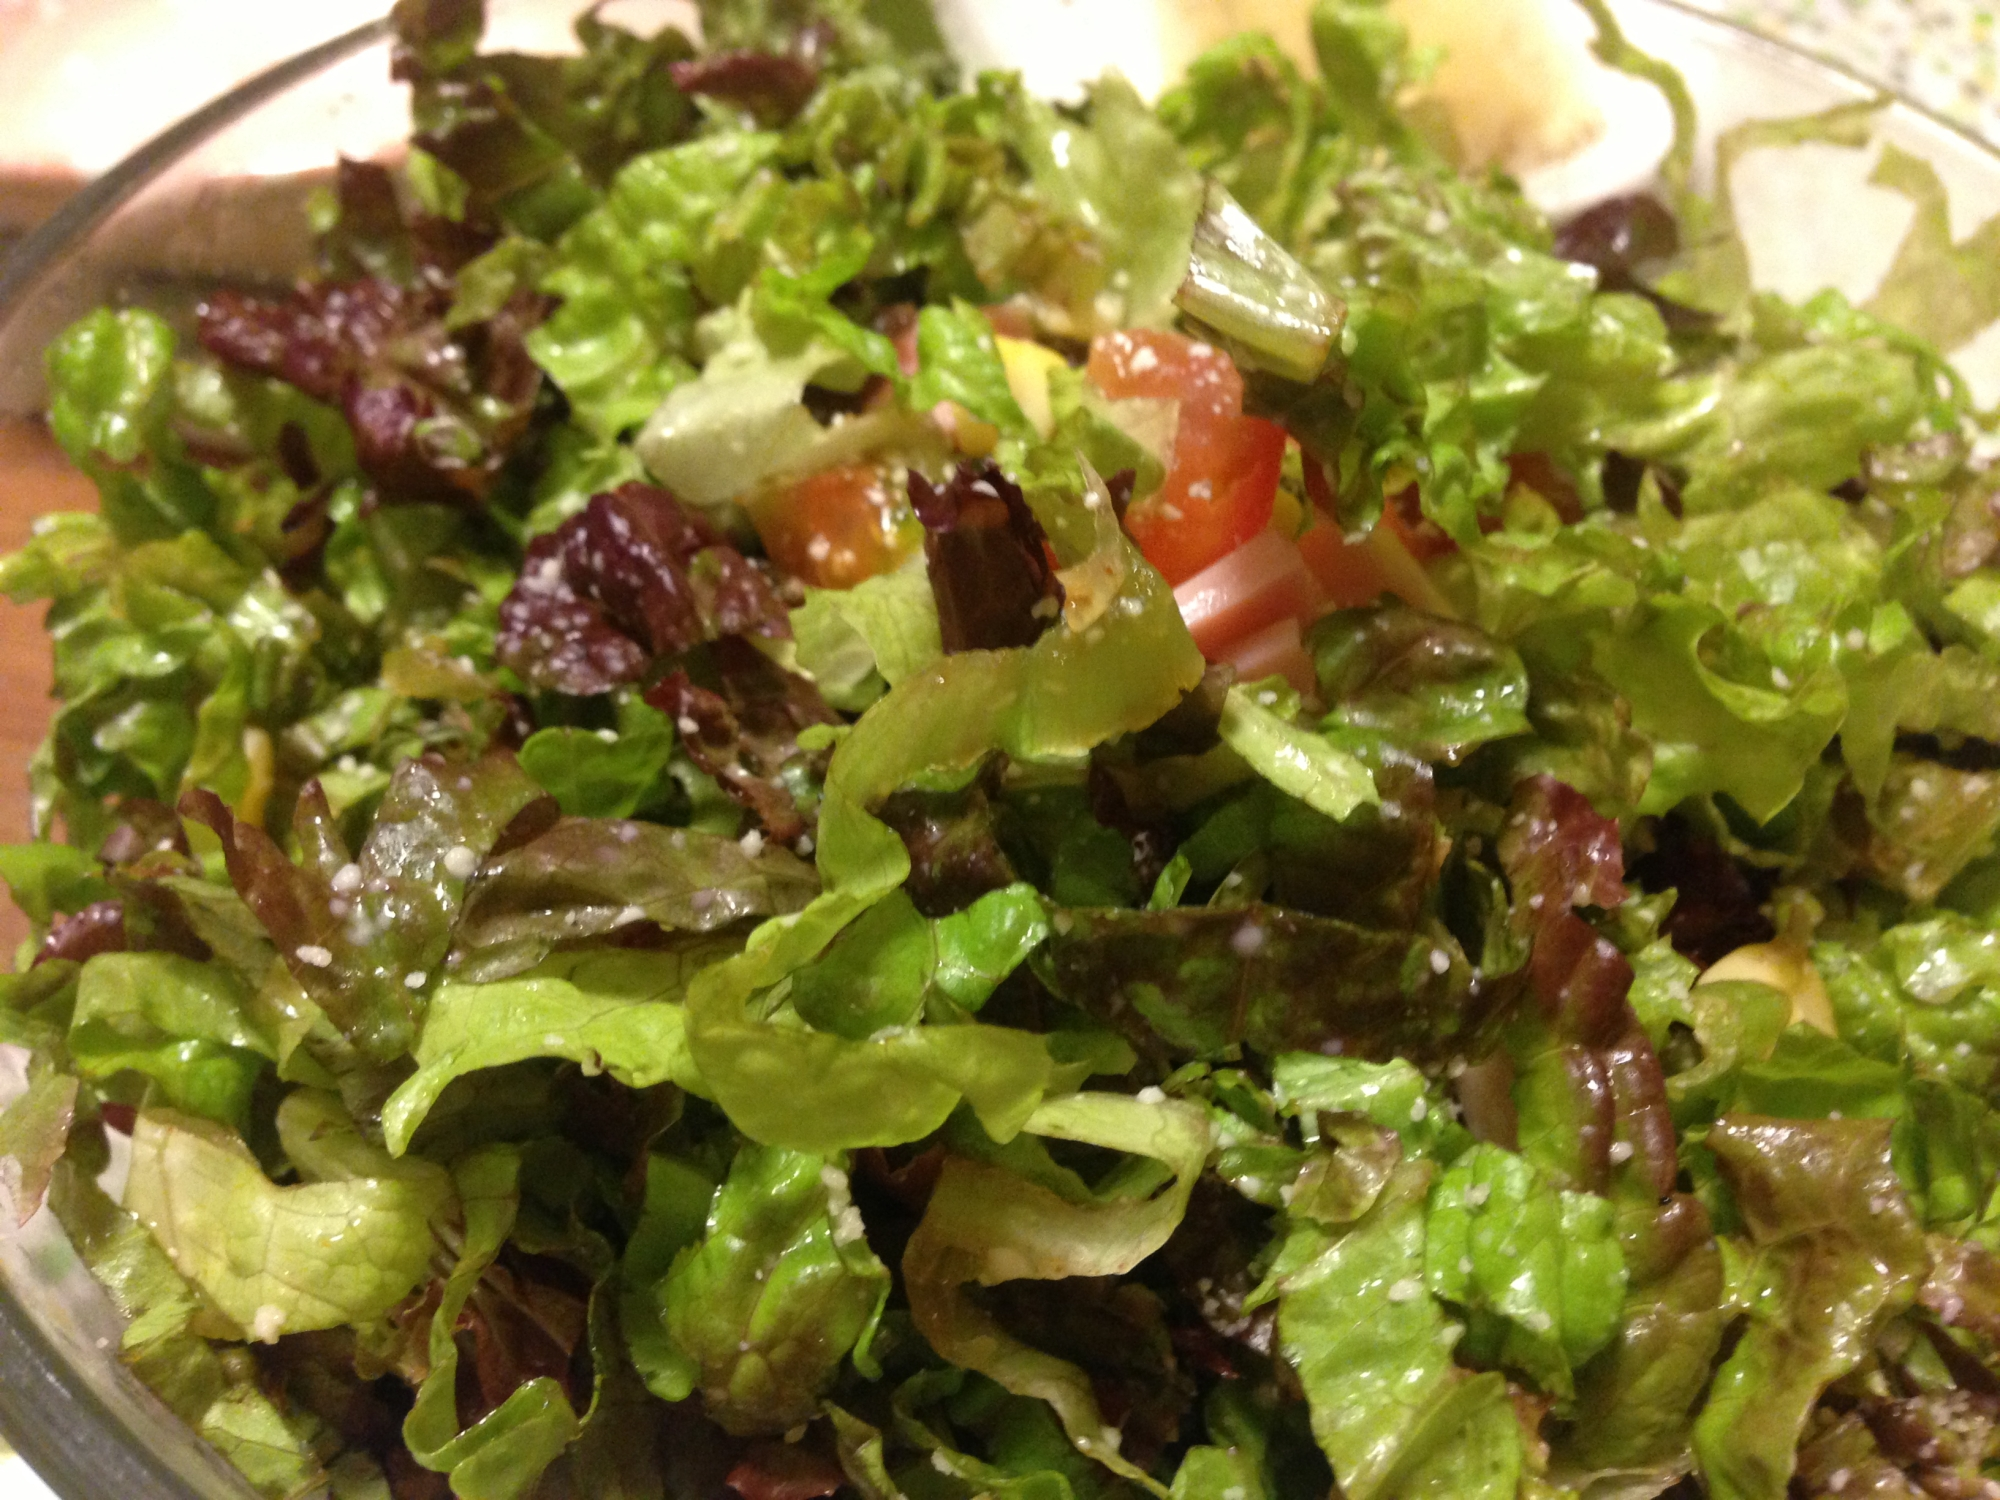 サニーレタスとトマトの粉チーズ入りサラダ